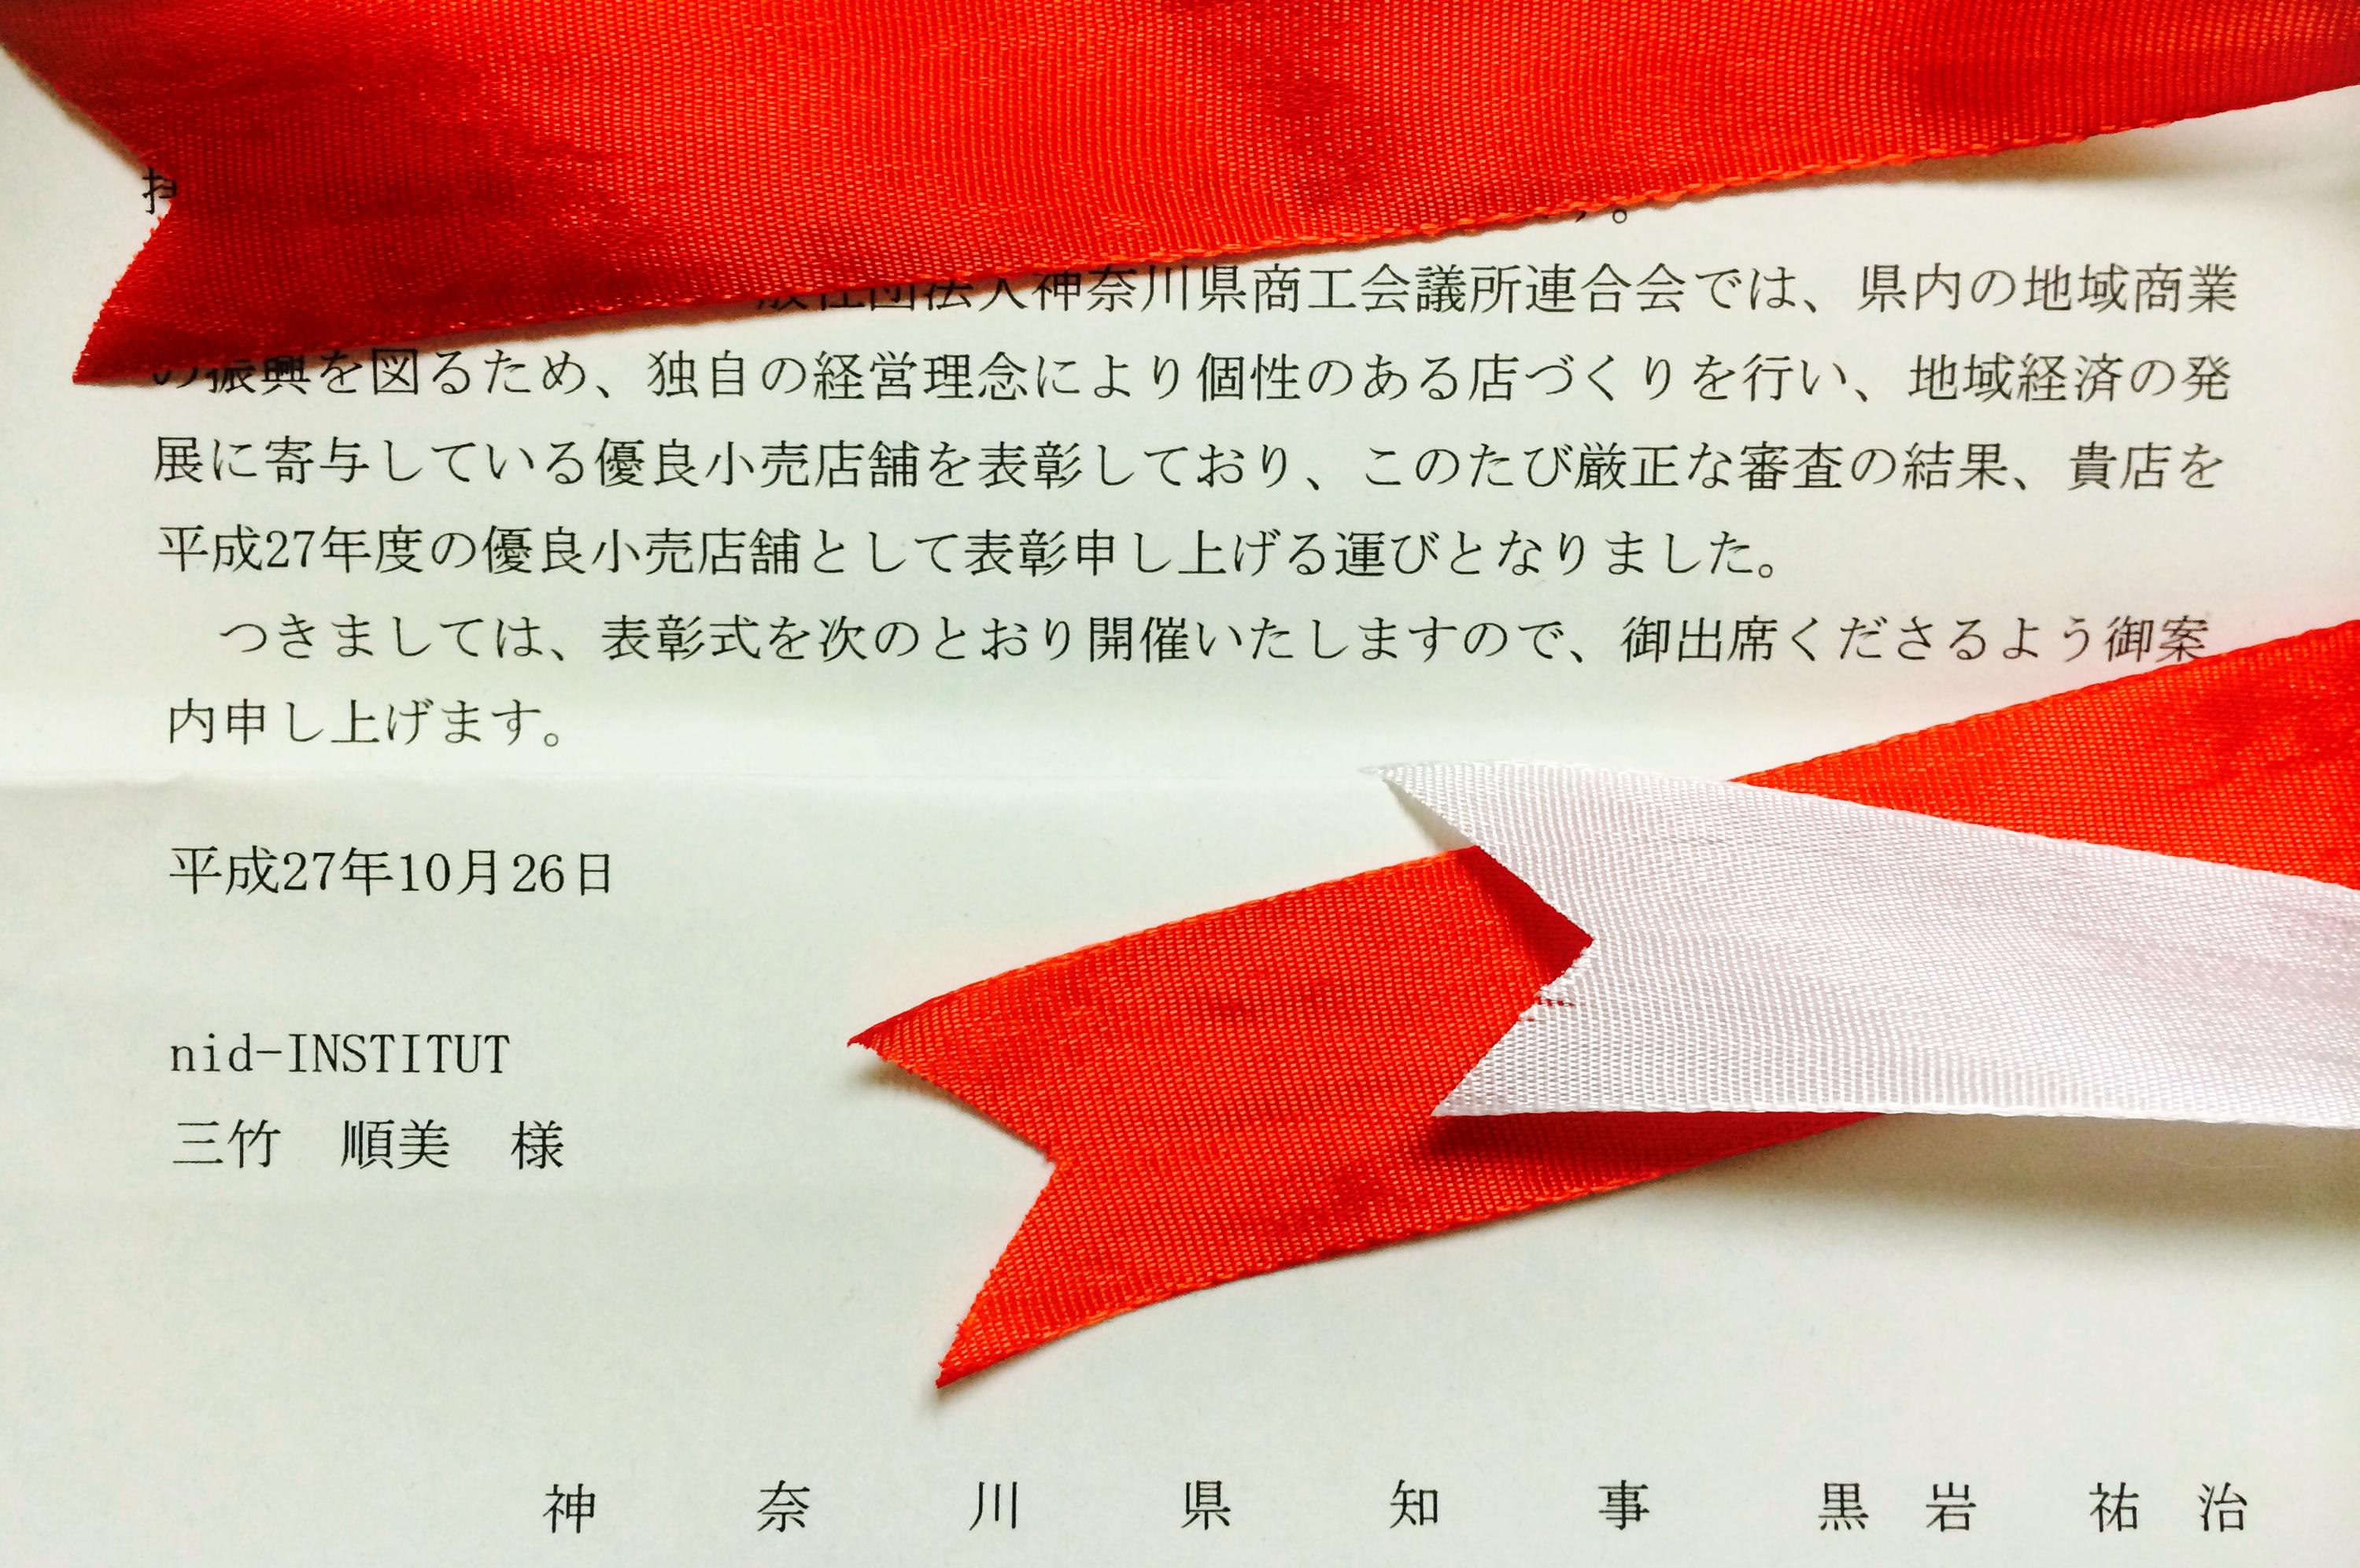 神奈川県優良小売店店舗表彰のお知らせ手紙.